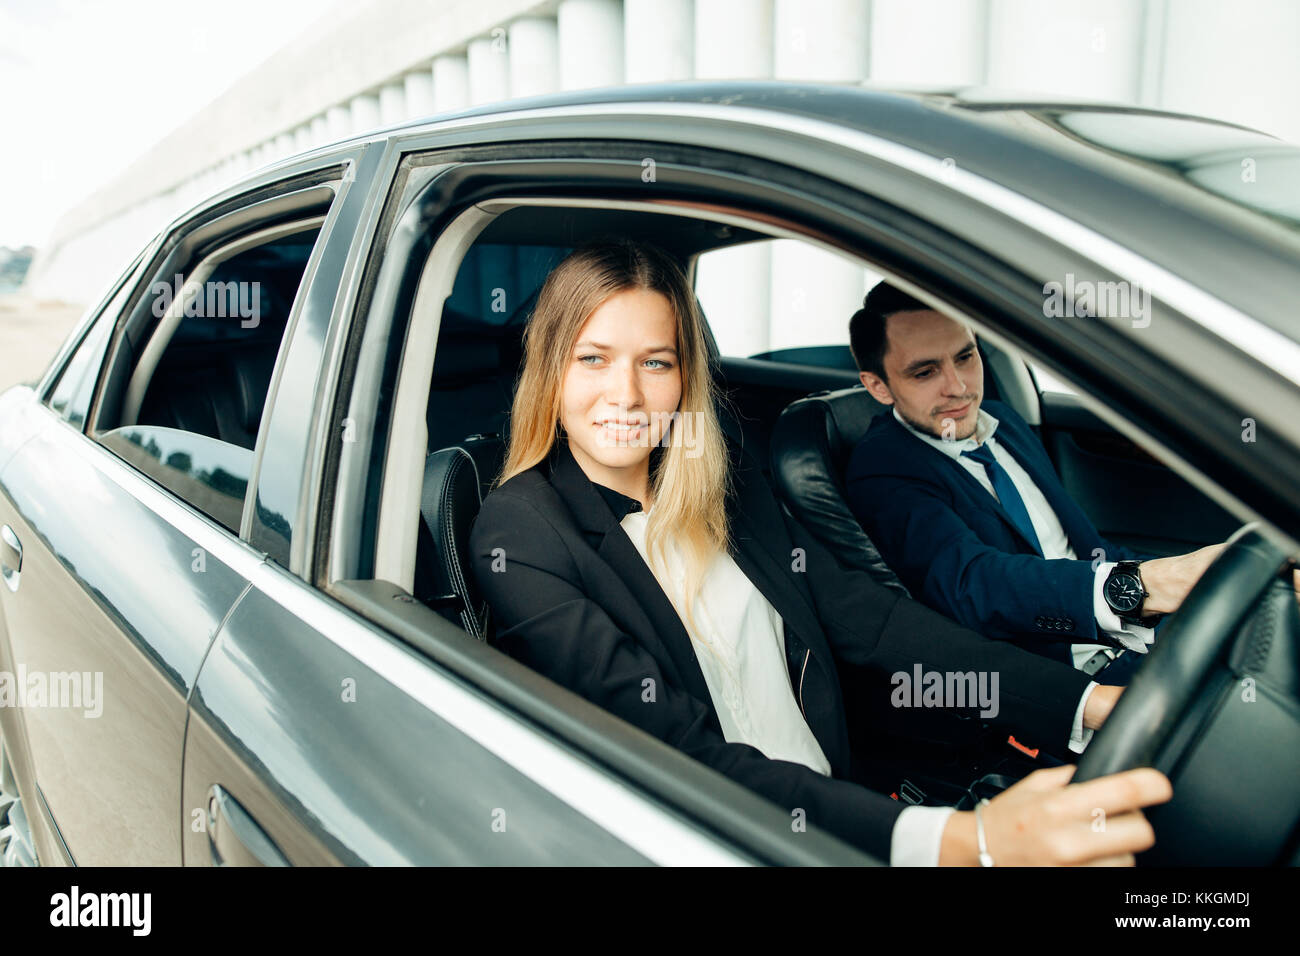 Fahrlehrer und Studentin bei der Prüfung. Stockbild